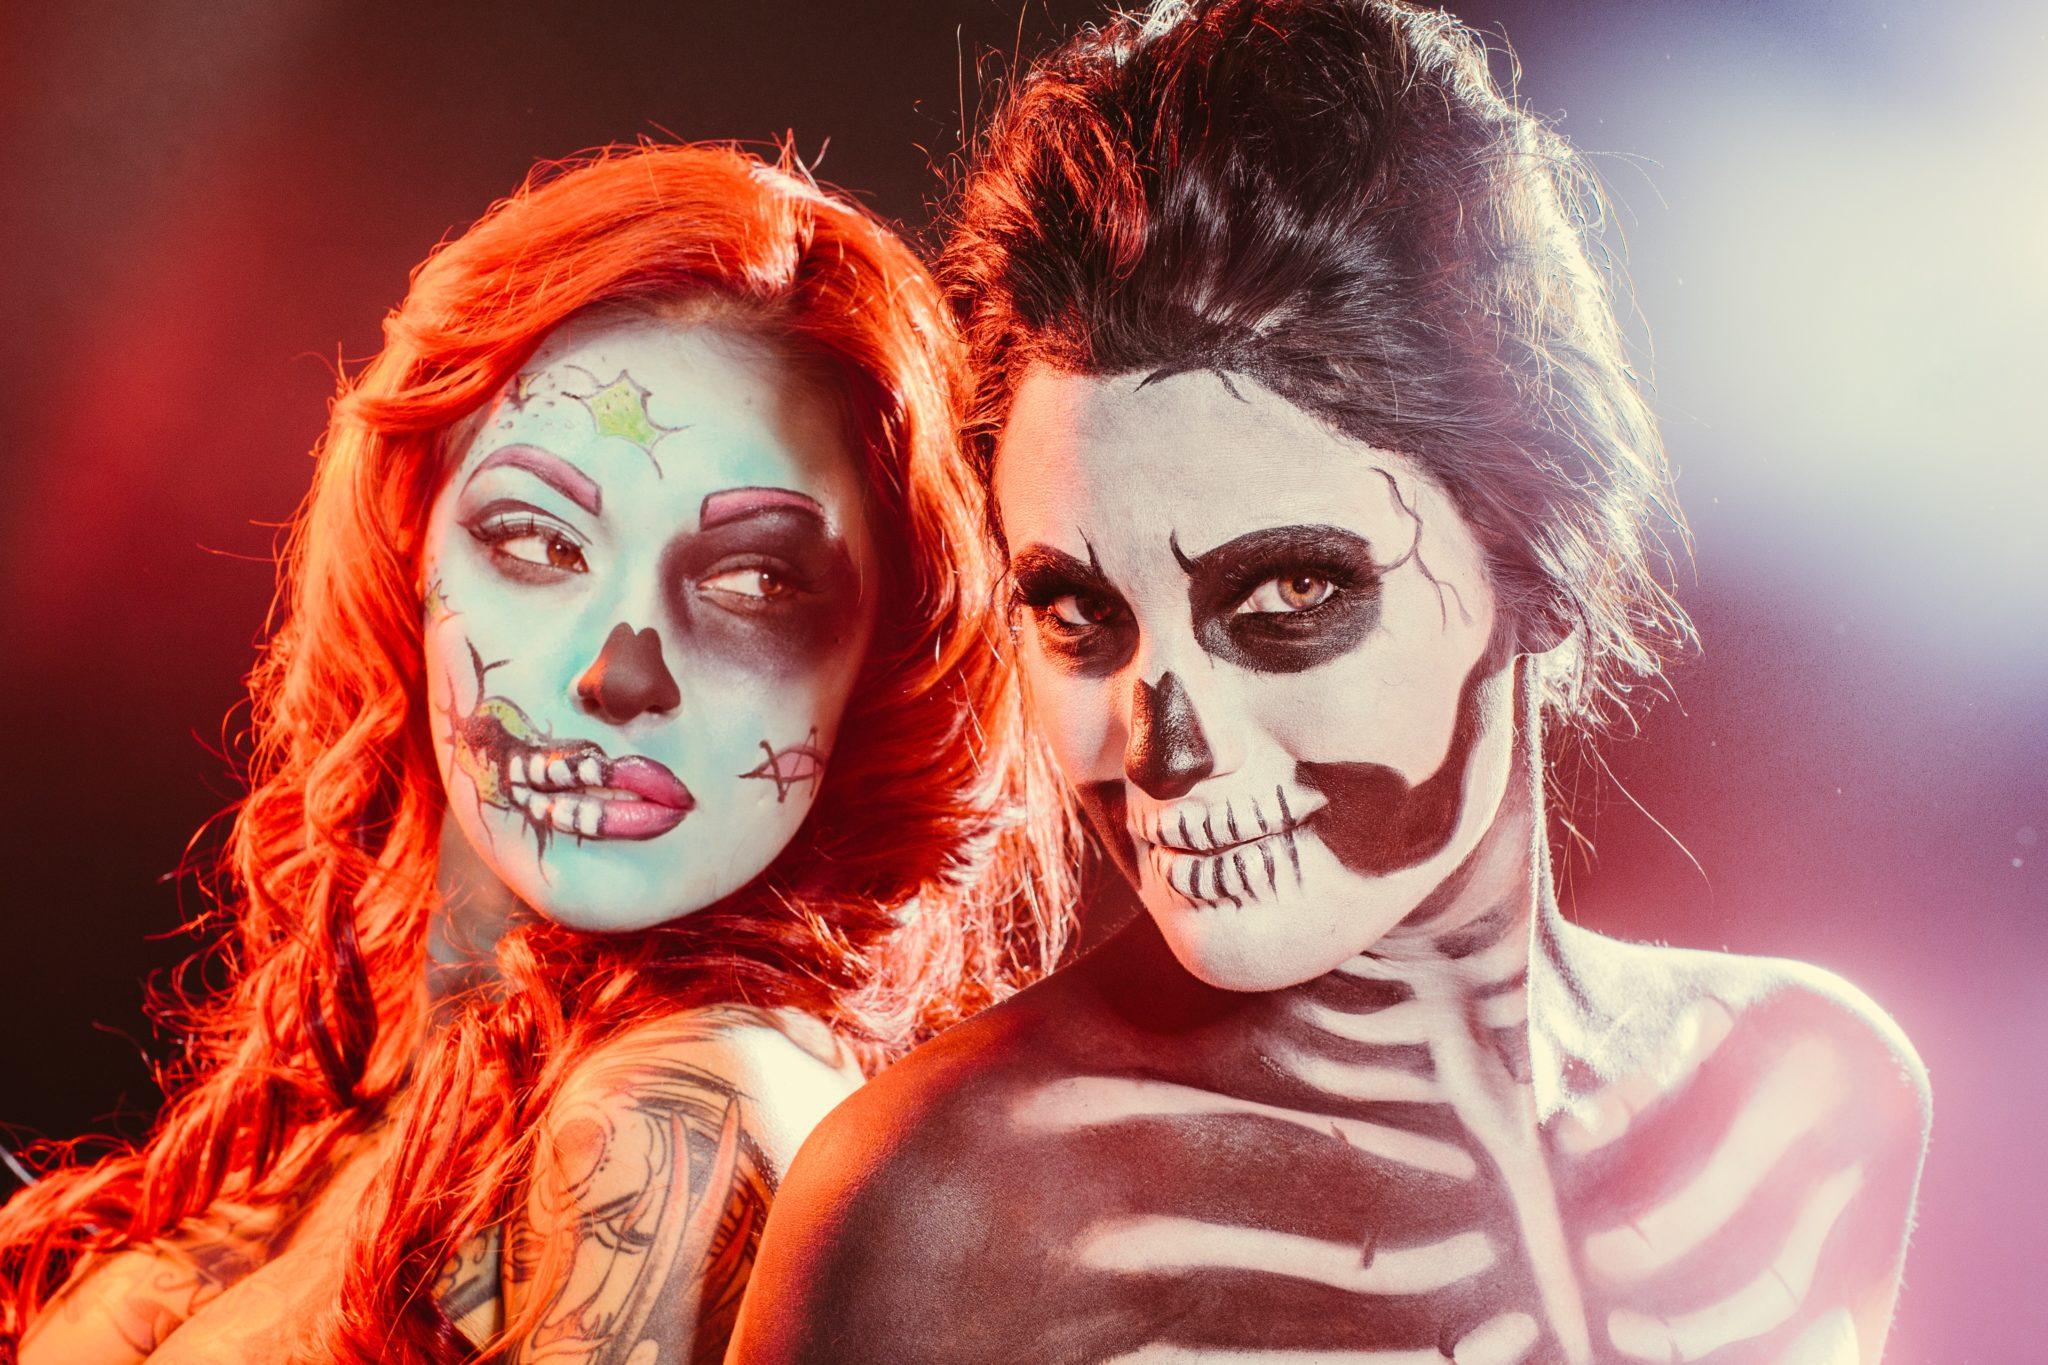 Skeleton and Comic Hallowen Makeup